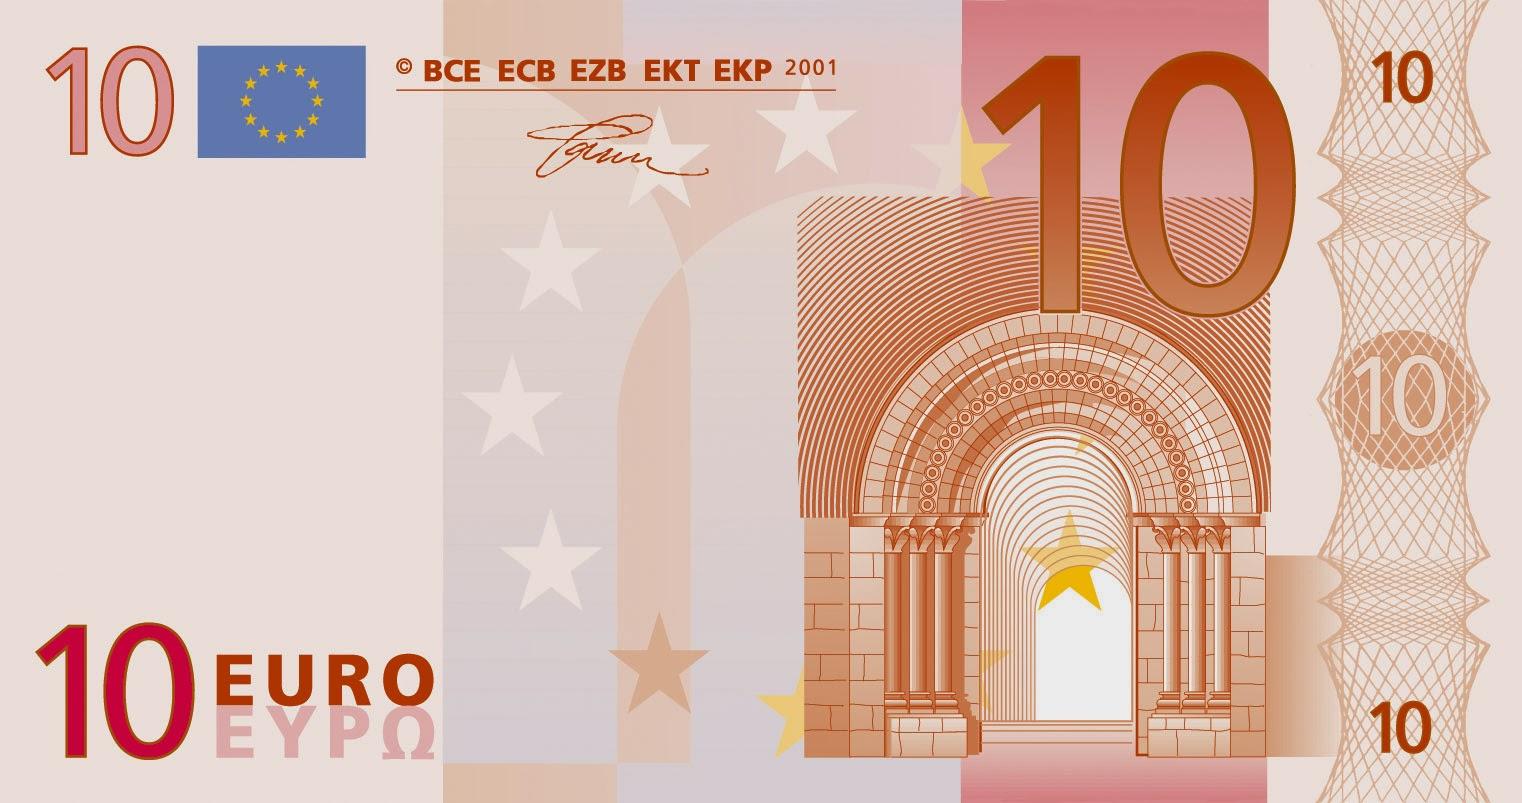 Creditos hipotecas nuevo billete 10 euros for Bbk bank cajasur oficinas